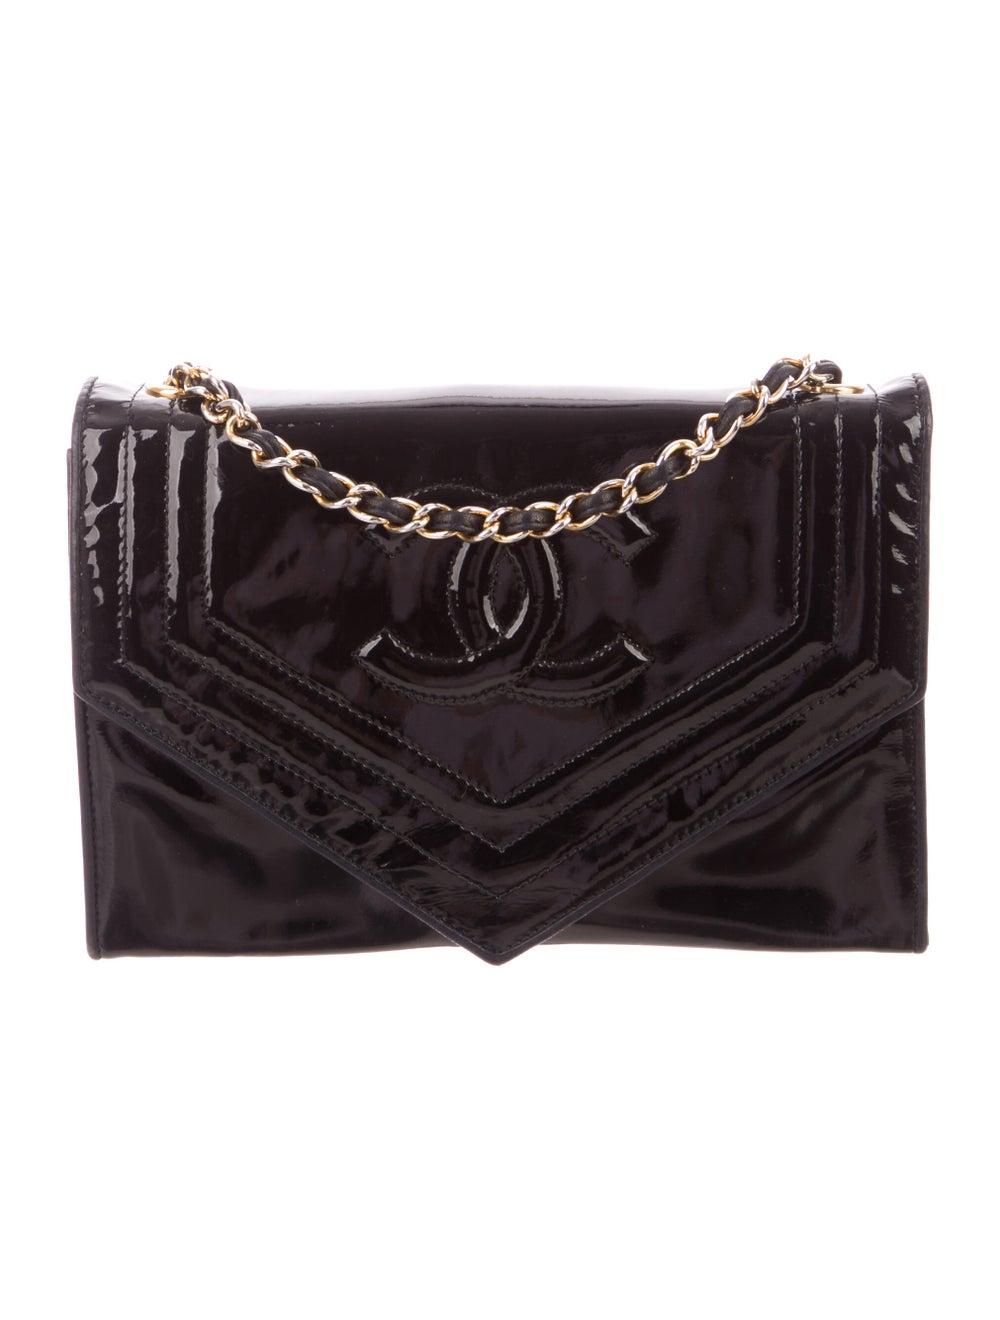 Chanel Vintage Patent CC Flap Bag Blue - image 1